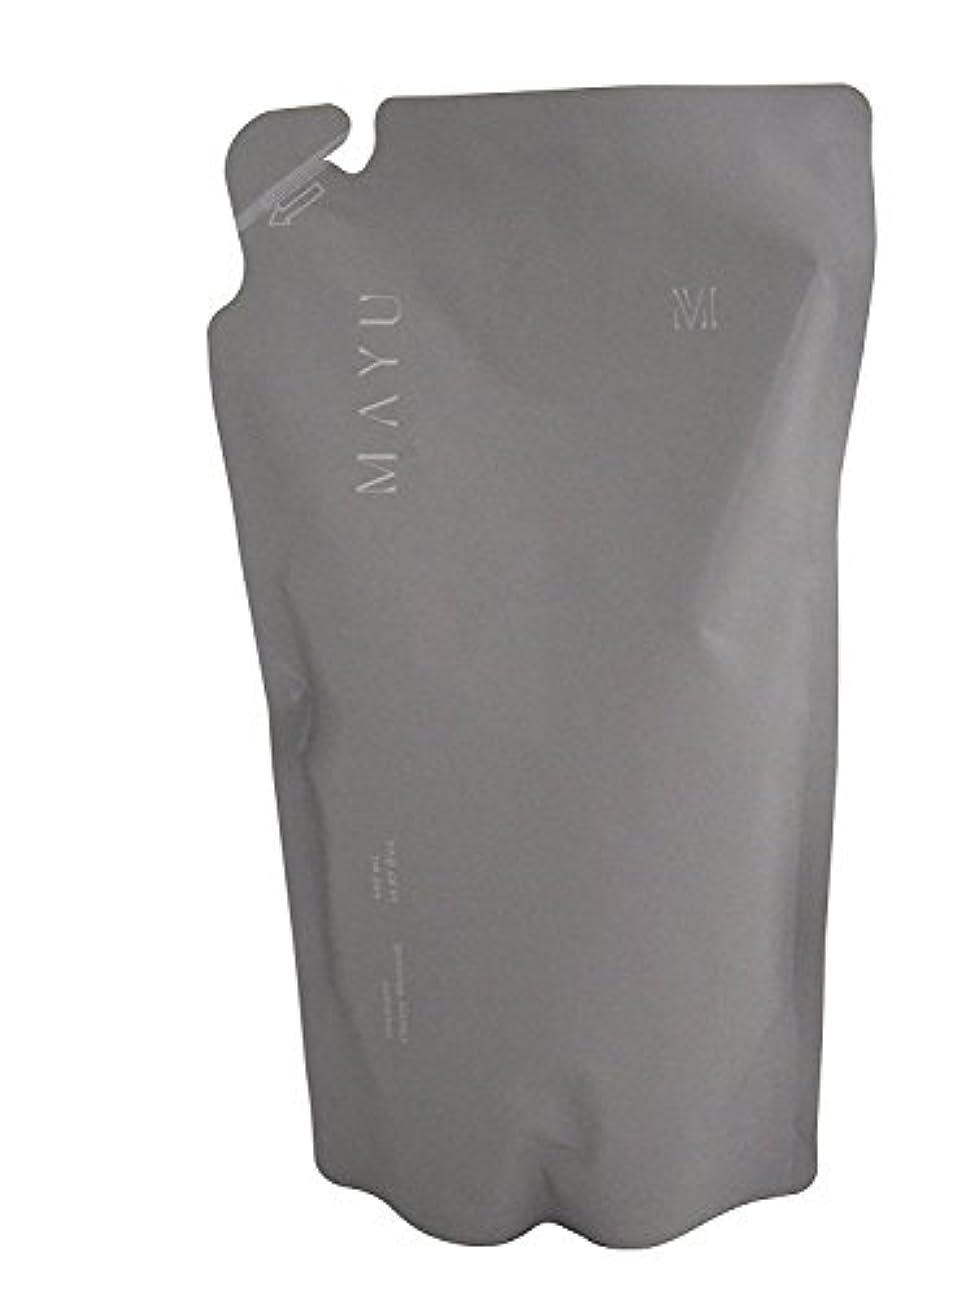 こっそり華氏防衛【365Plus】 MAYU さくらの香りシャンプー リフィル(440ml) 1本入り